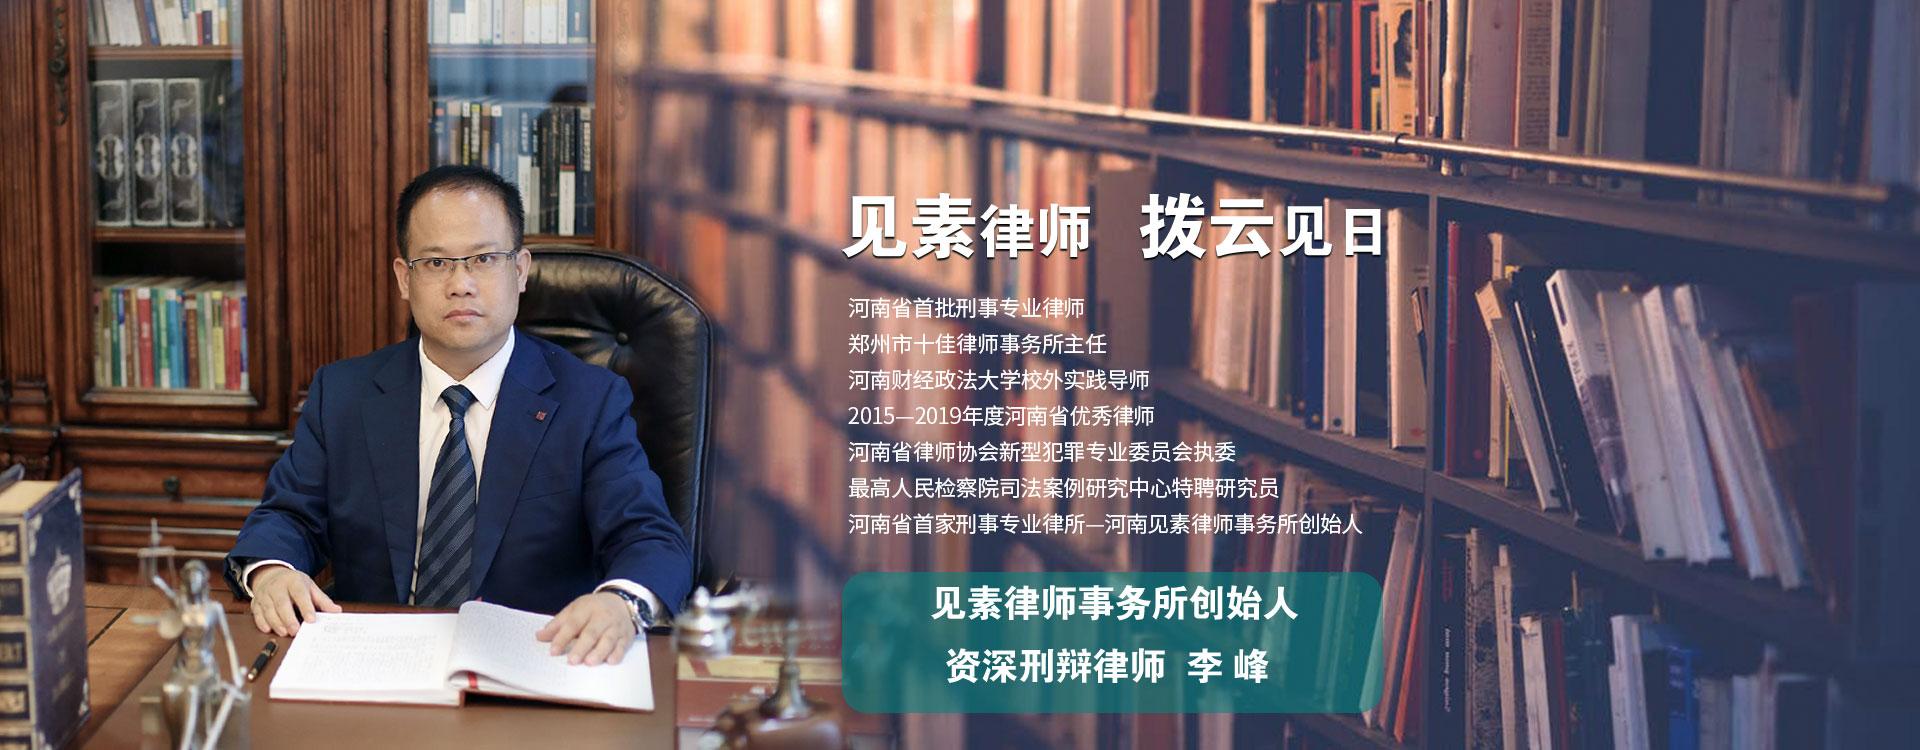 郑州法律咨询服务